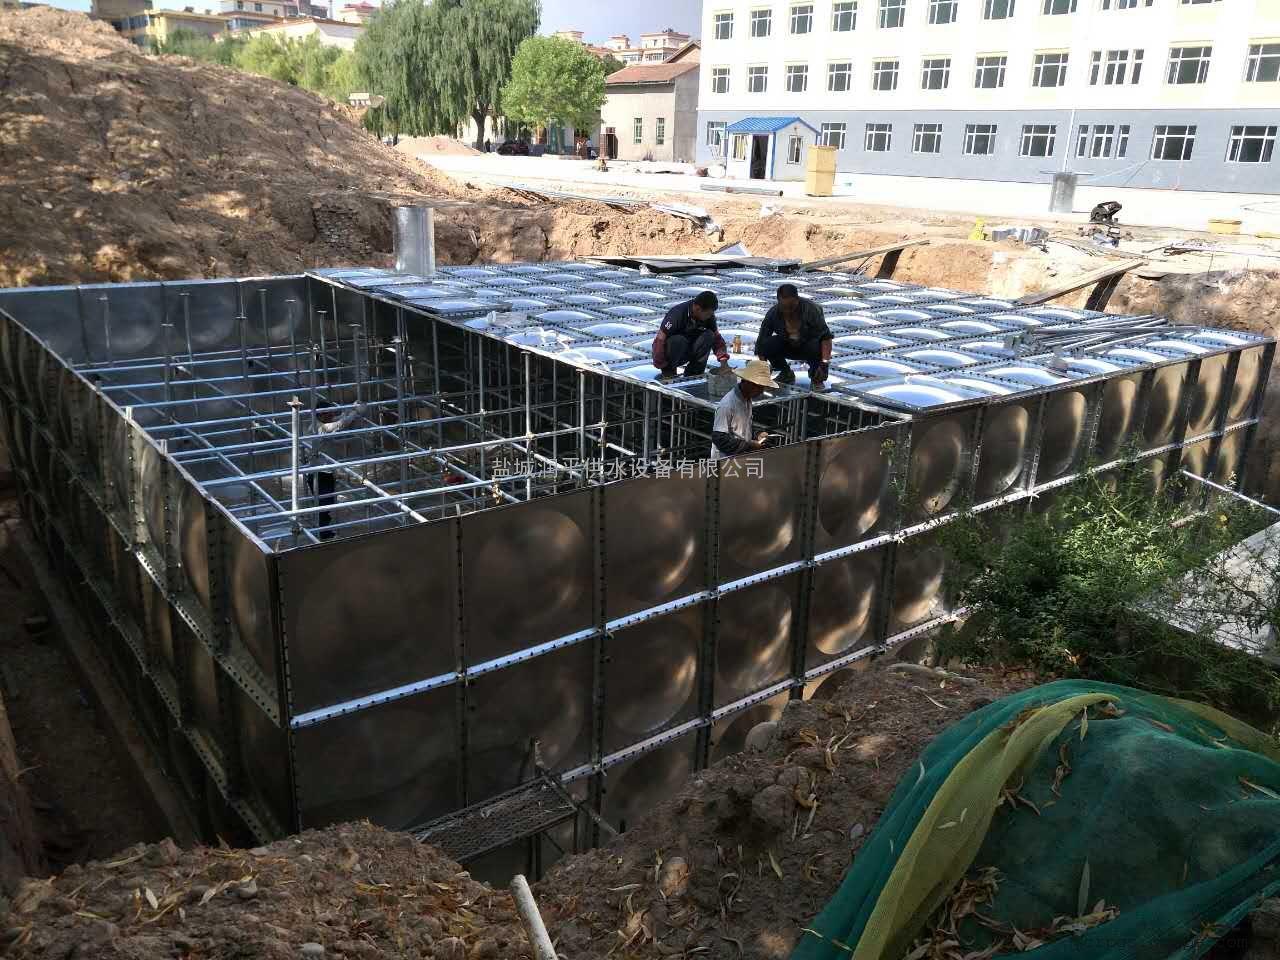 BDF地埋水箱 地埋式箱泵一体化 抗浮地埋水箱